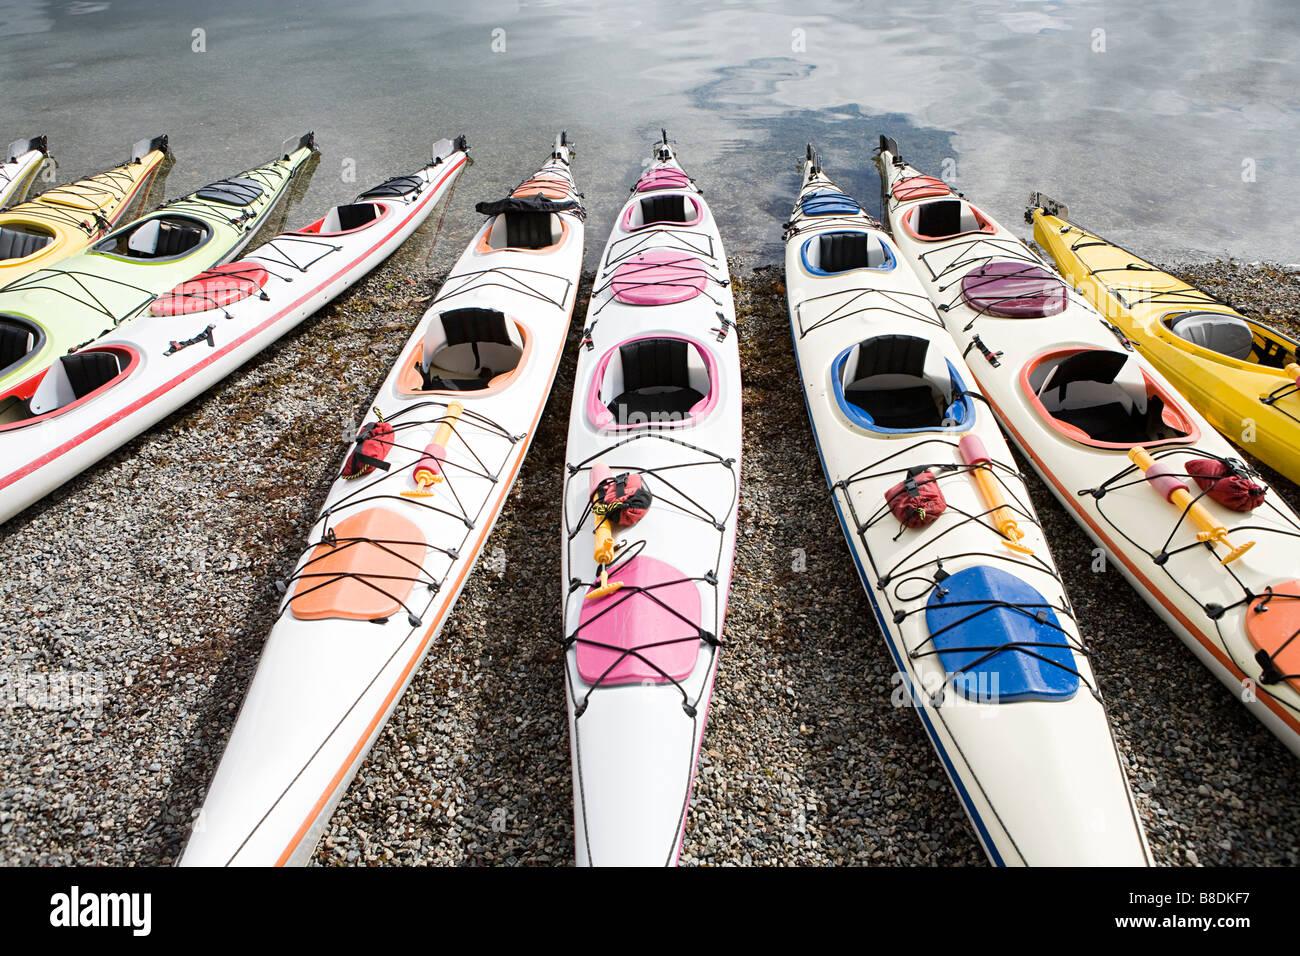 Kayaks - Stock Image